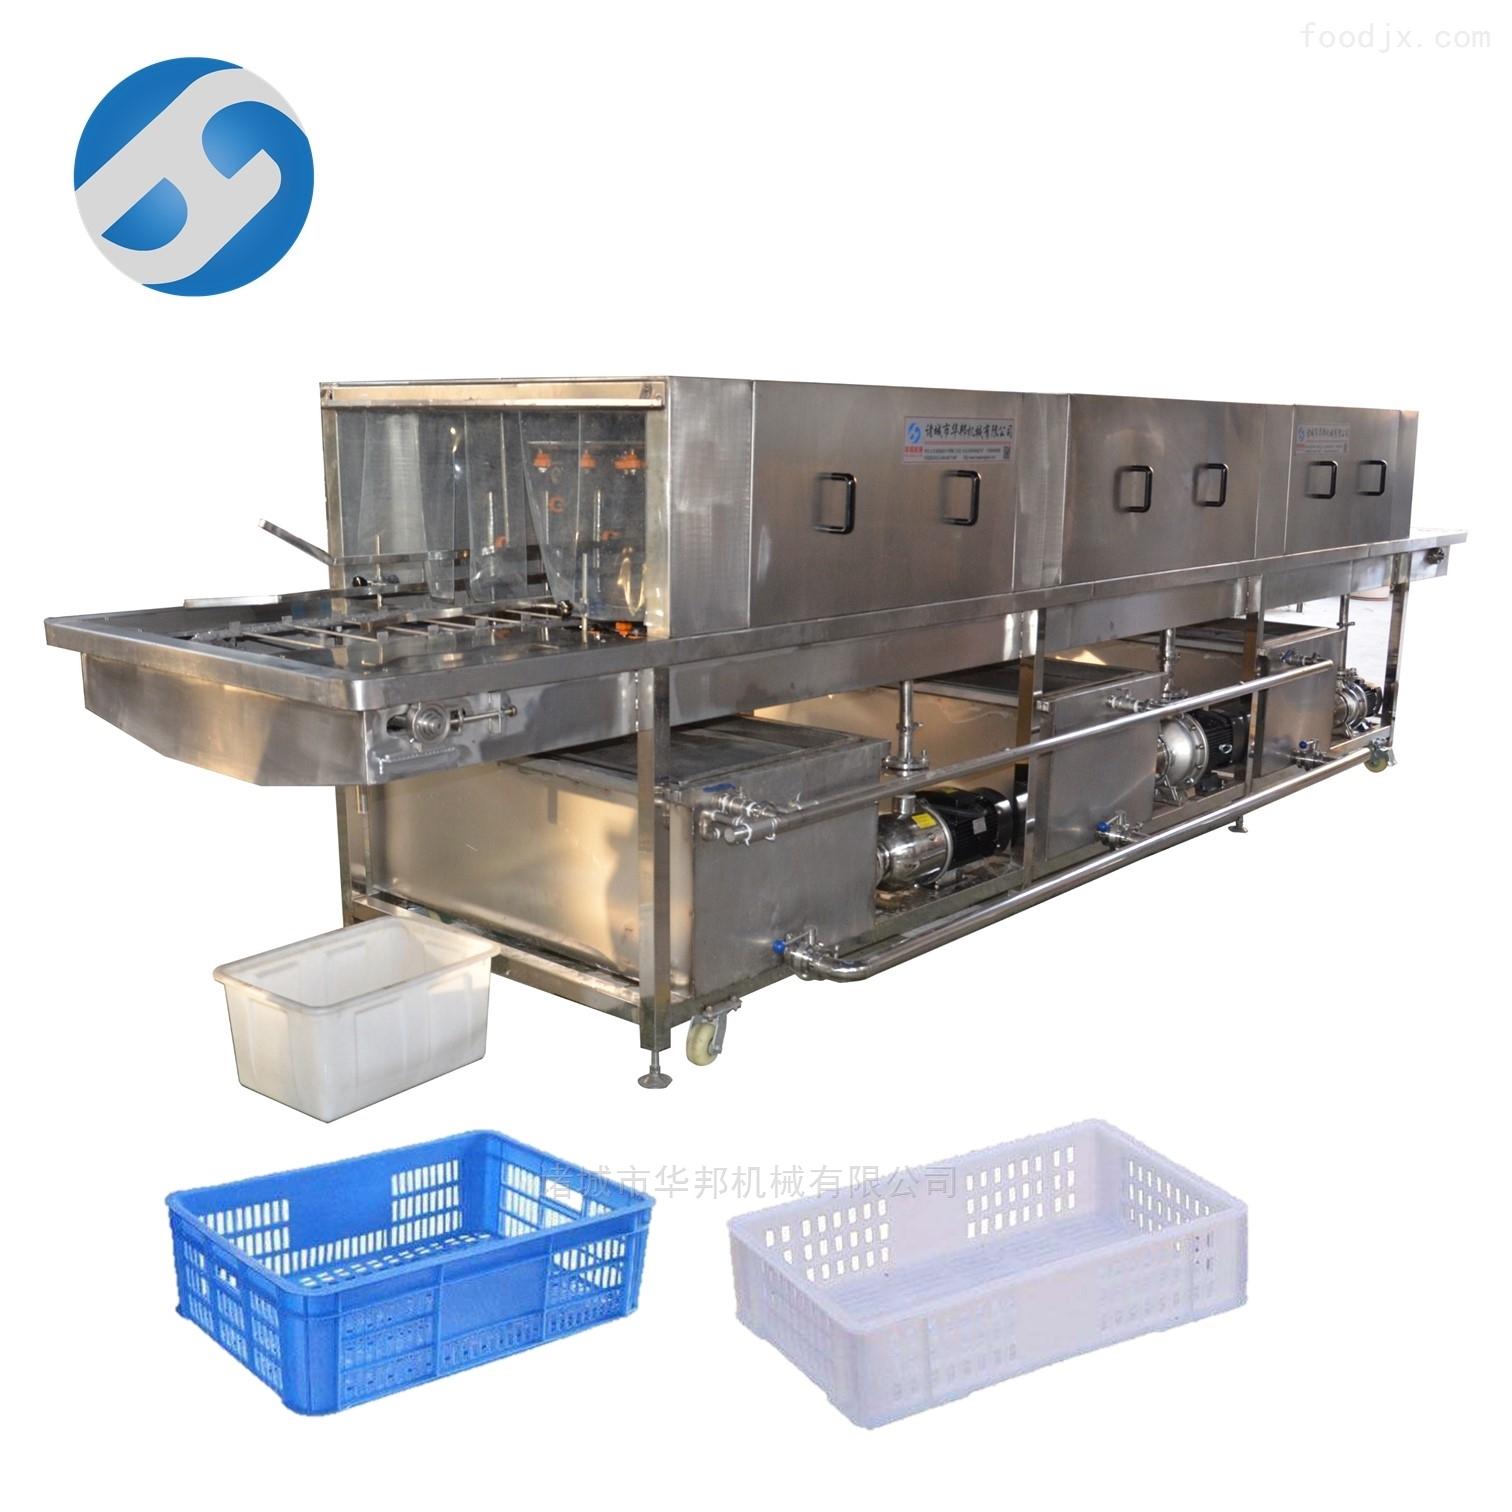 豆芽筐清洗机质量可靠 两年质保厂家直销